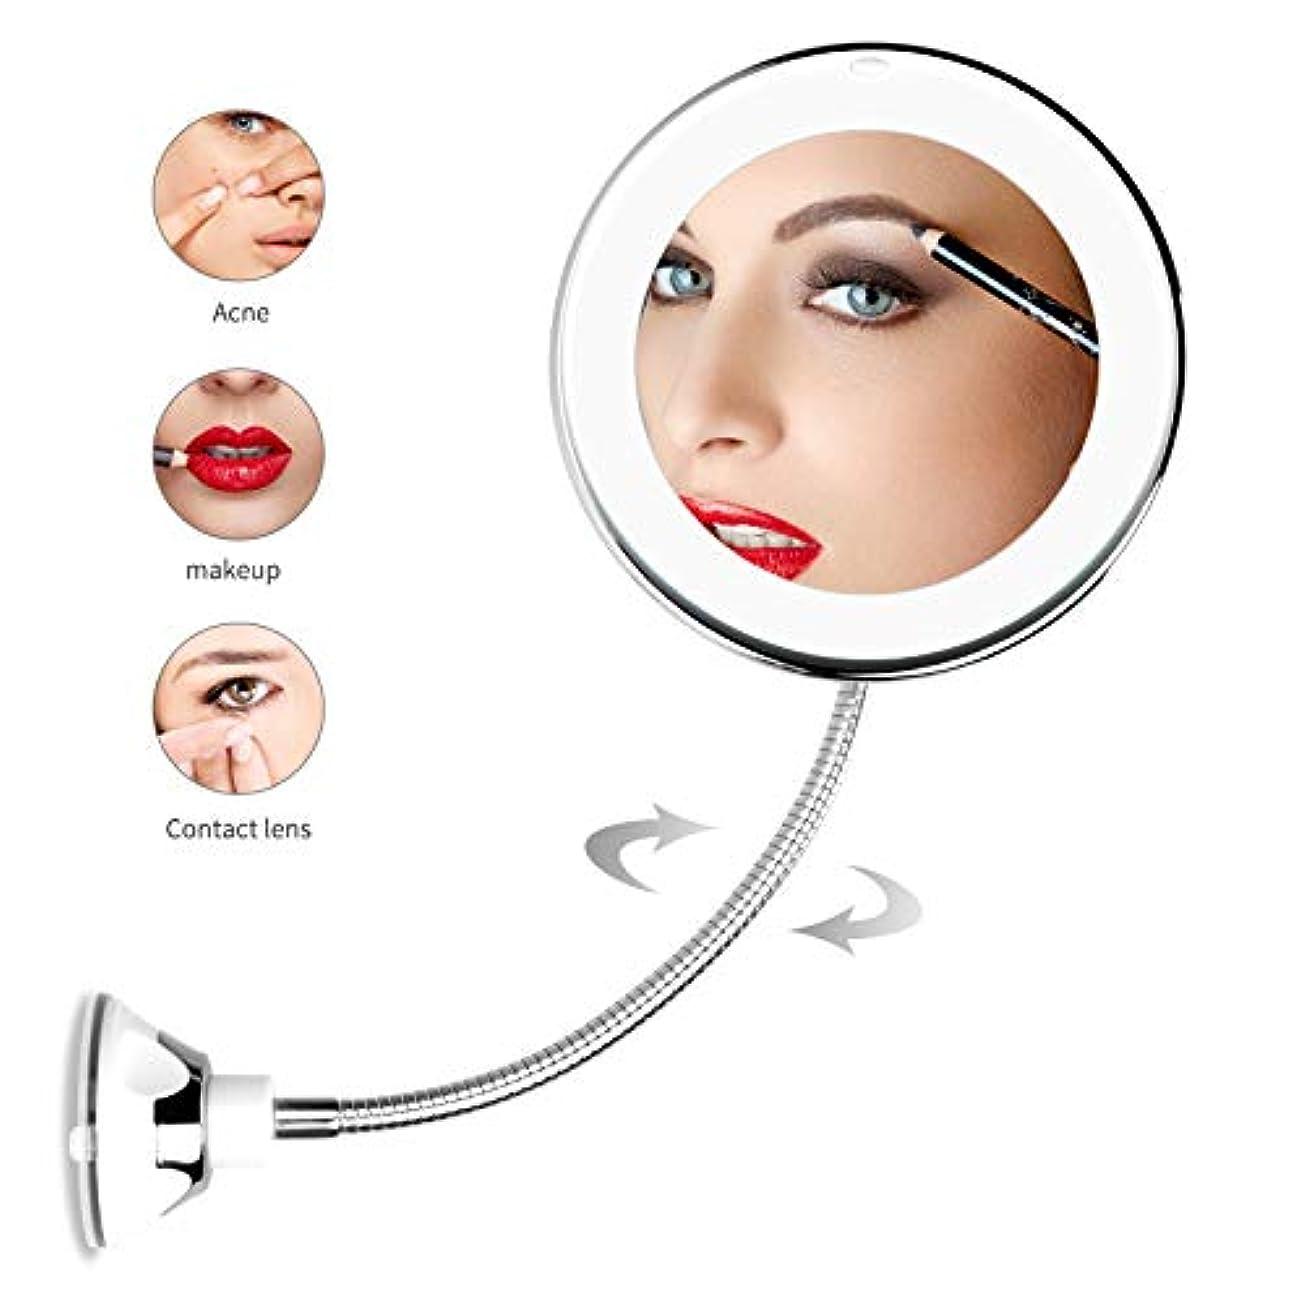 暴力包帯静かに化粧鏡 卓上 化粧ミラー 鏡 led付き 拡大鏡 5倍 明るさ調節可能 360°回転 強力な吸盤付き